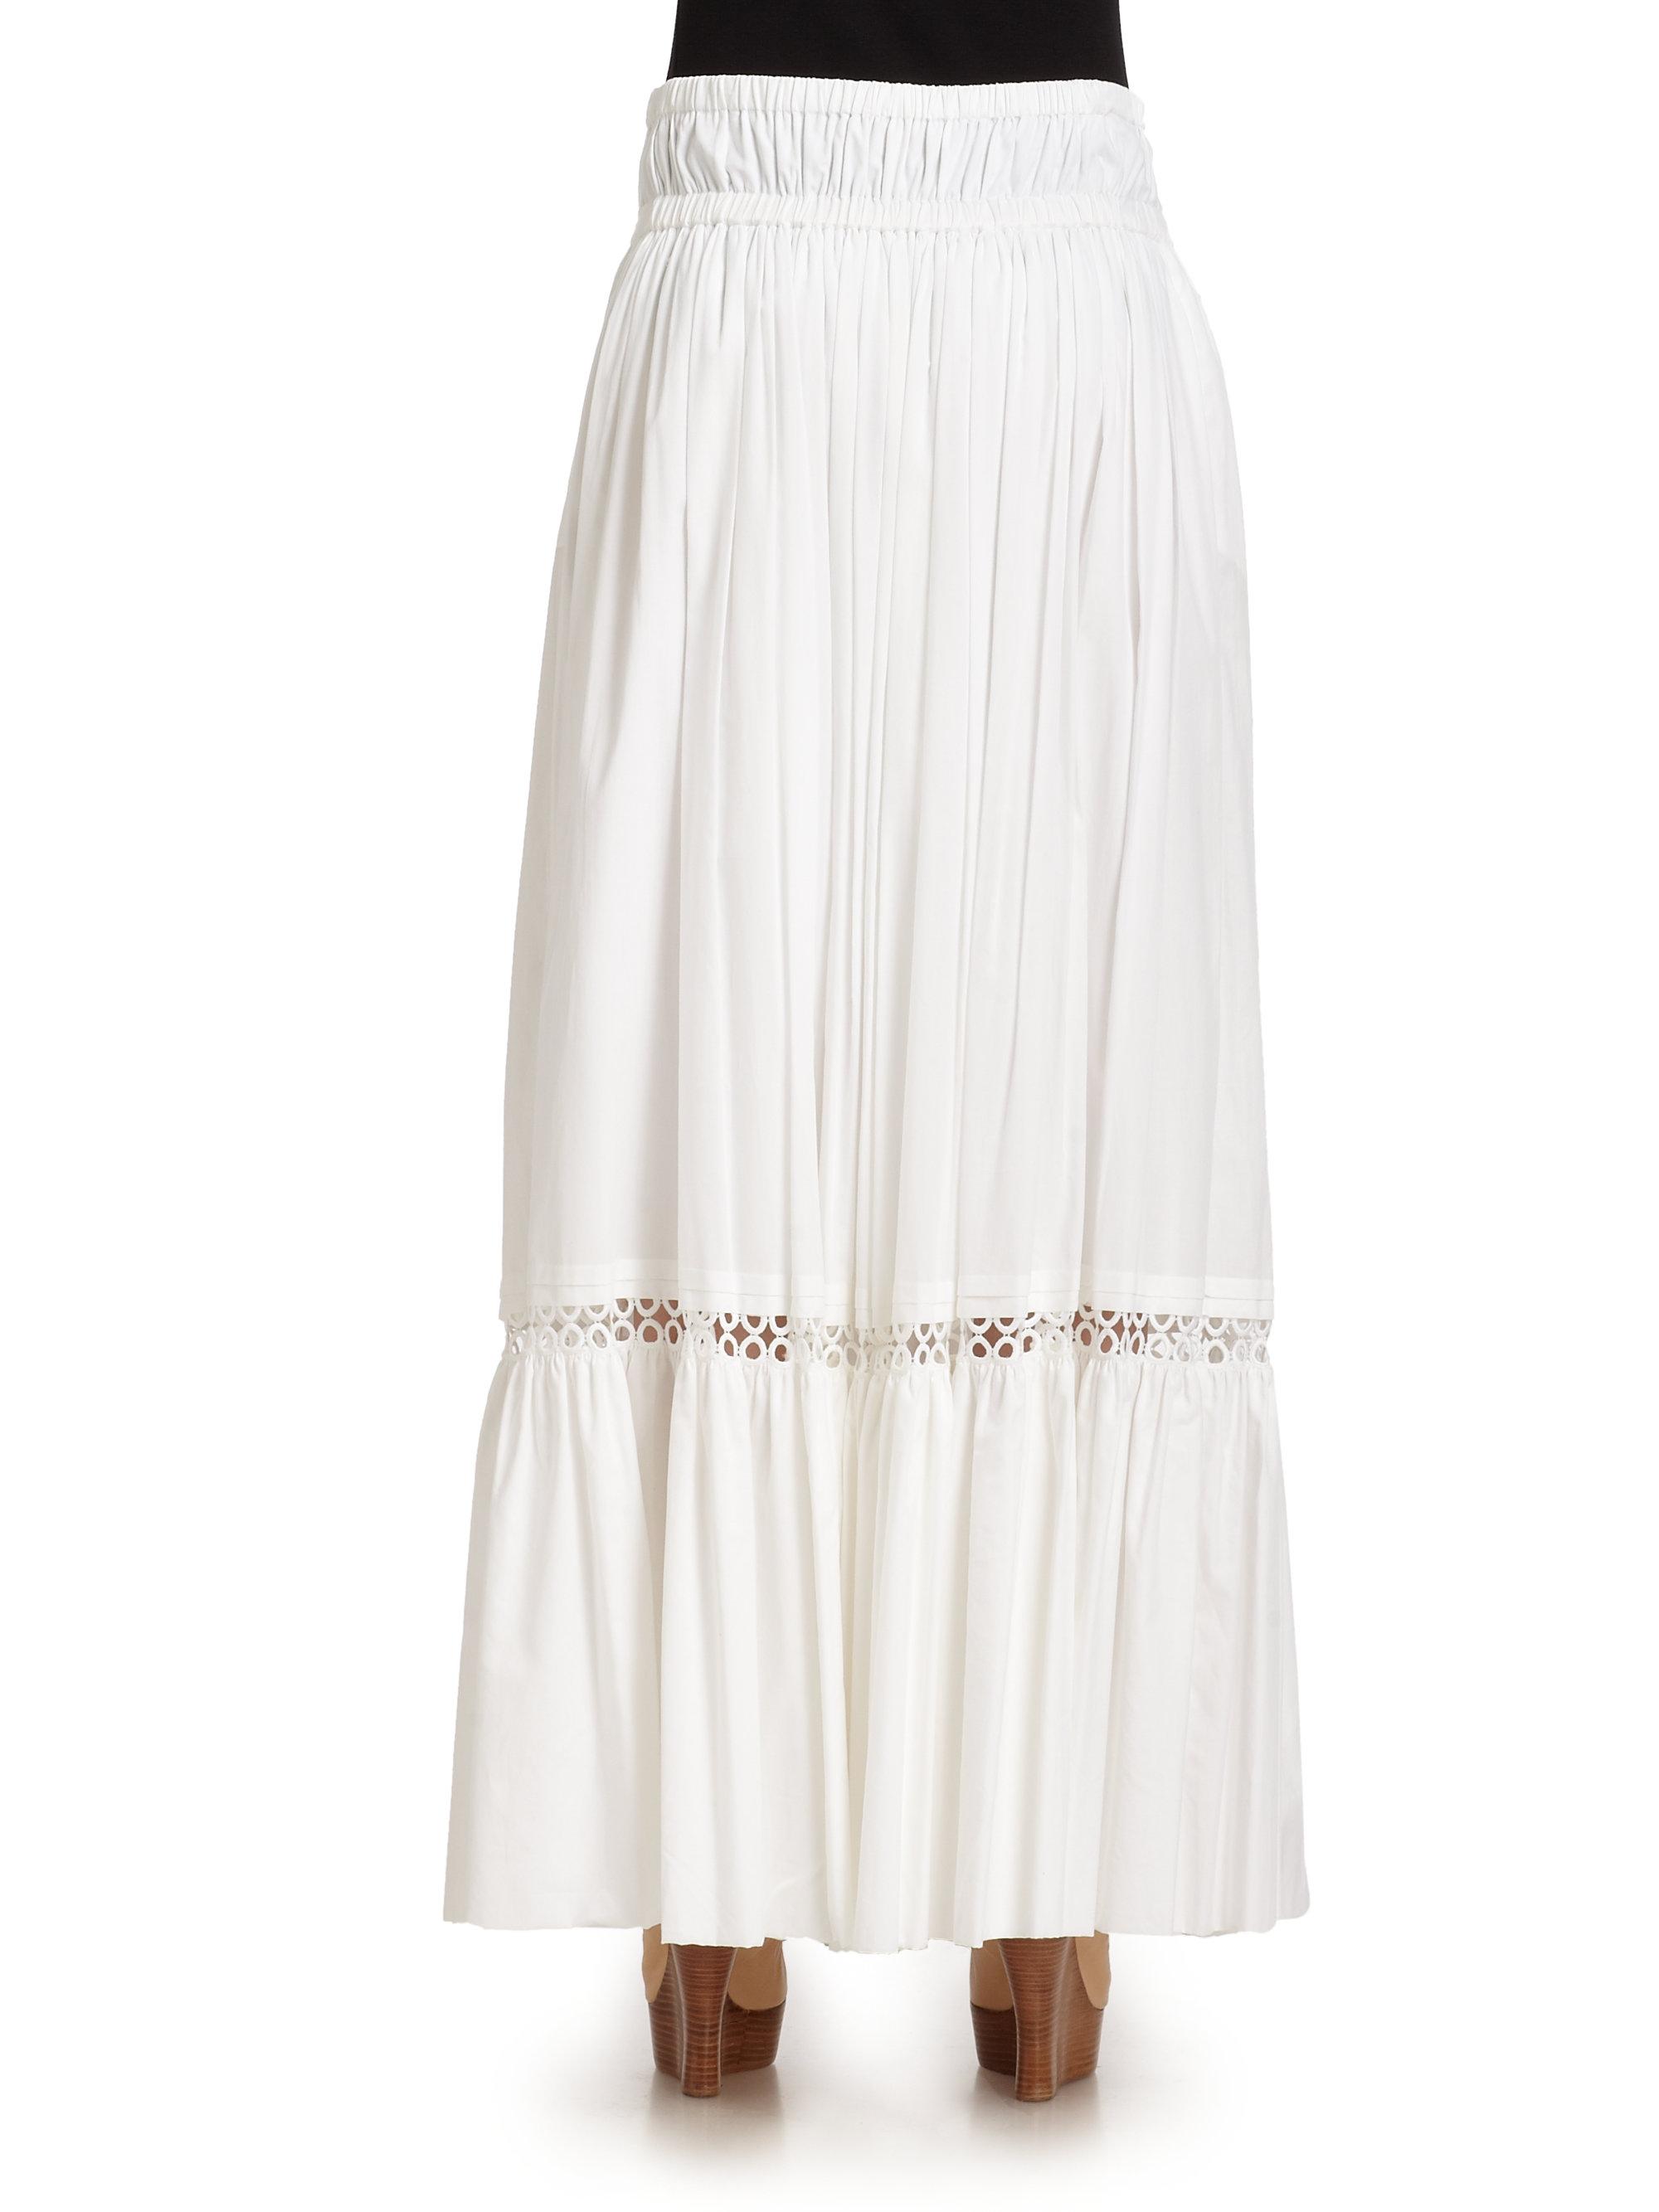 Roberto cavalli Cotton Eyelet Maxi Skirt in White | Lyst